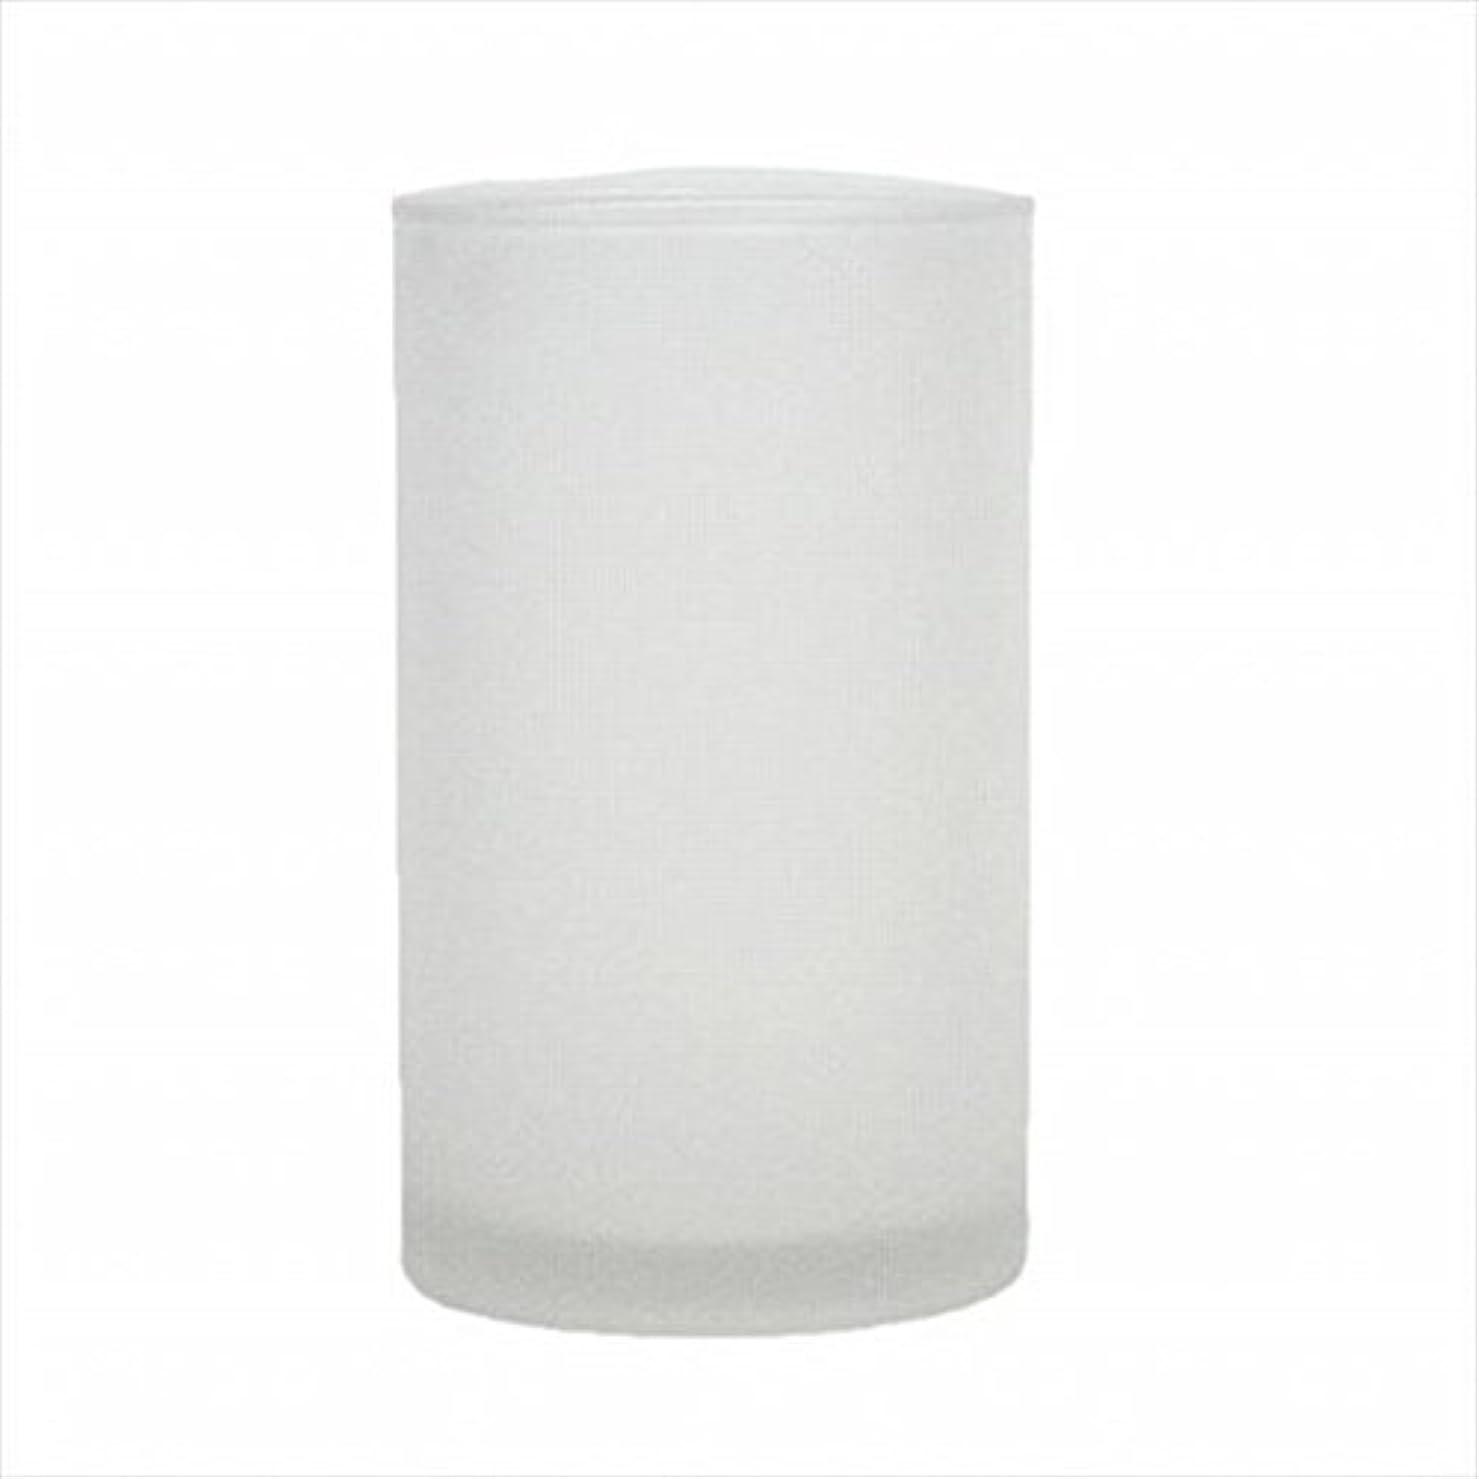 ほんの求める化石kameyama candle(カメヤマキャンドル) モルカグラスSフロスト キャンドル 90x90x155mm (65980000)